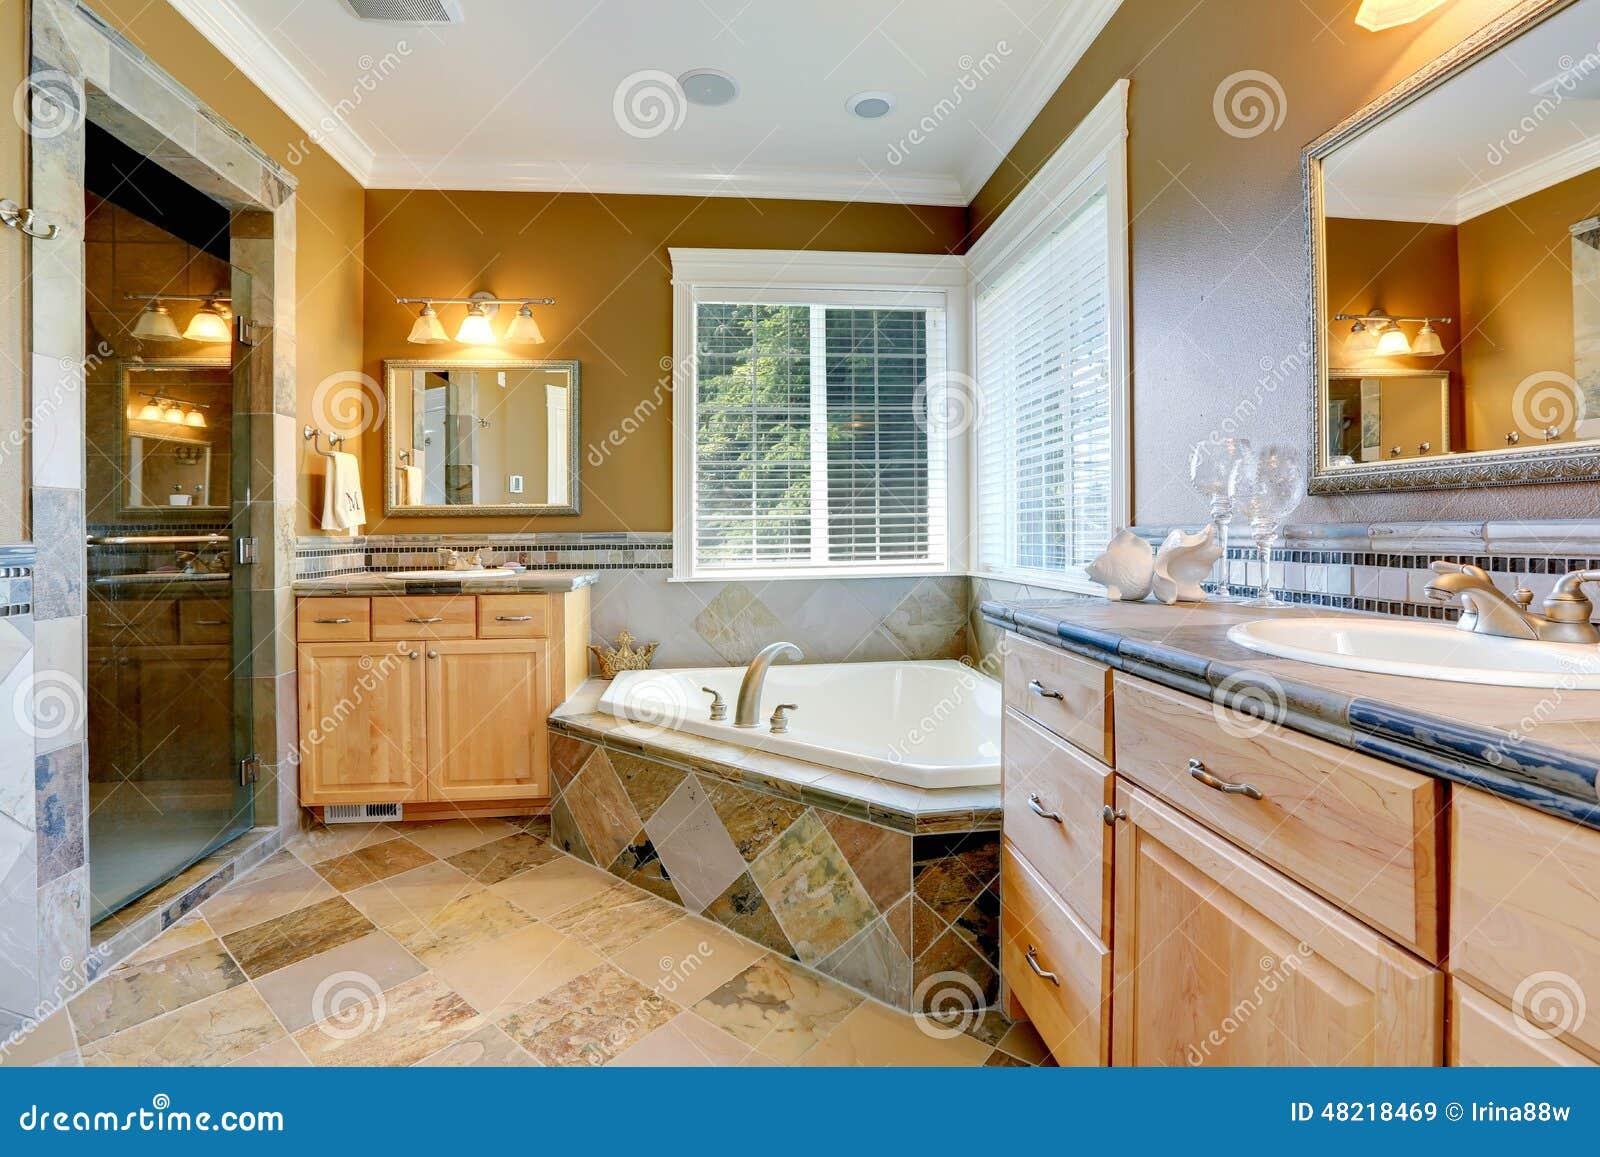 Vasche da bagno di lusso hotel di lusso hotel suite lombardia with vasche da bagno di lusso - Vasche da bagno di lusso ...